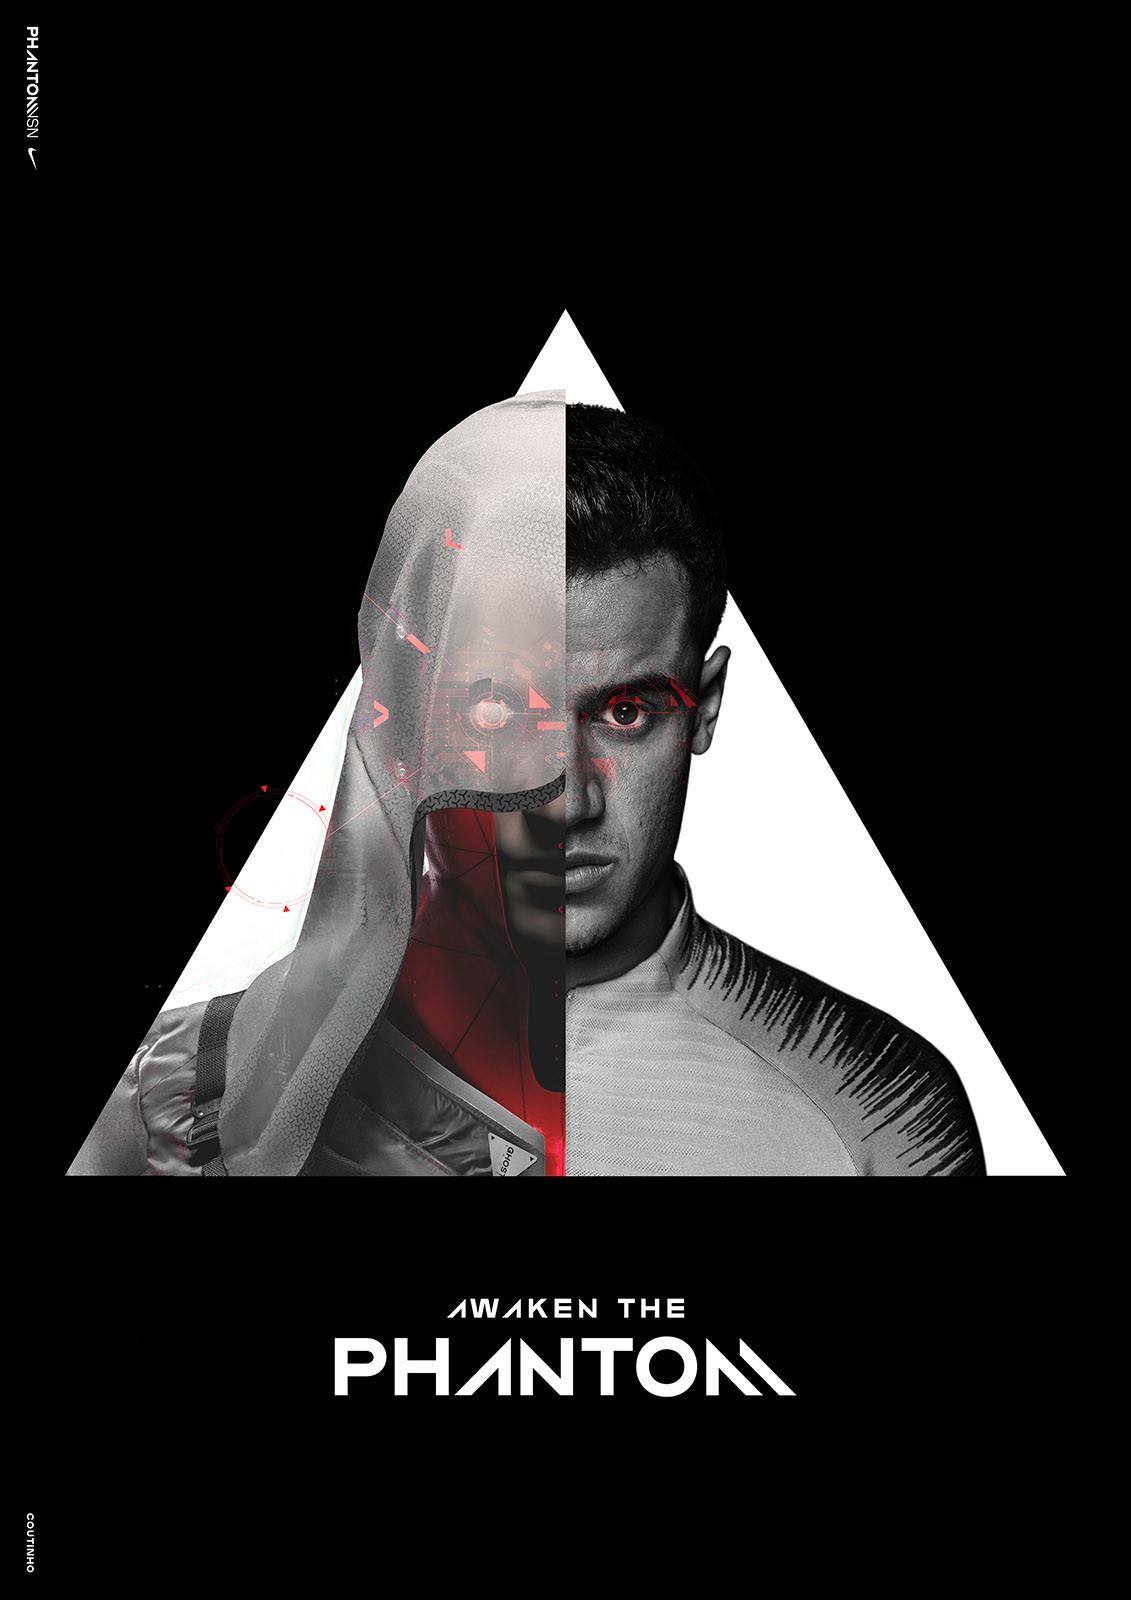 Maciej kuciara fa18 gx coutinho alter ego phantom posters sniper01